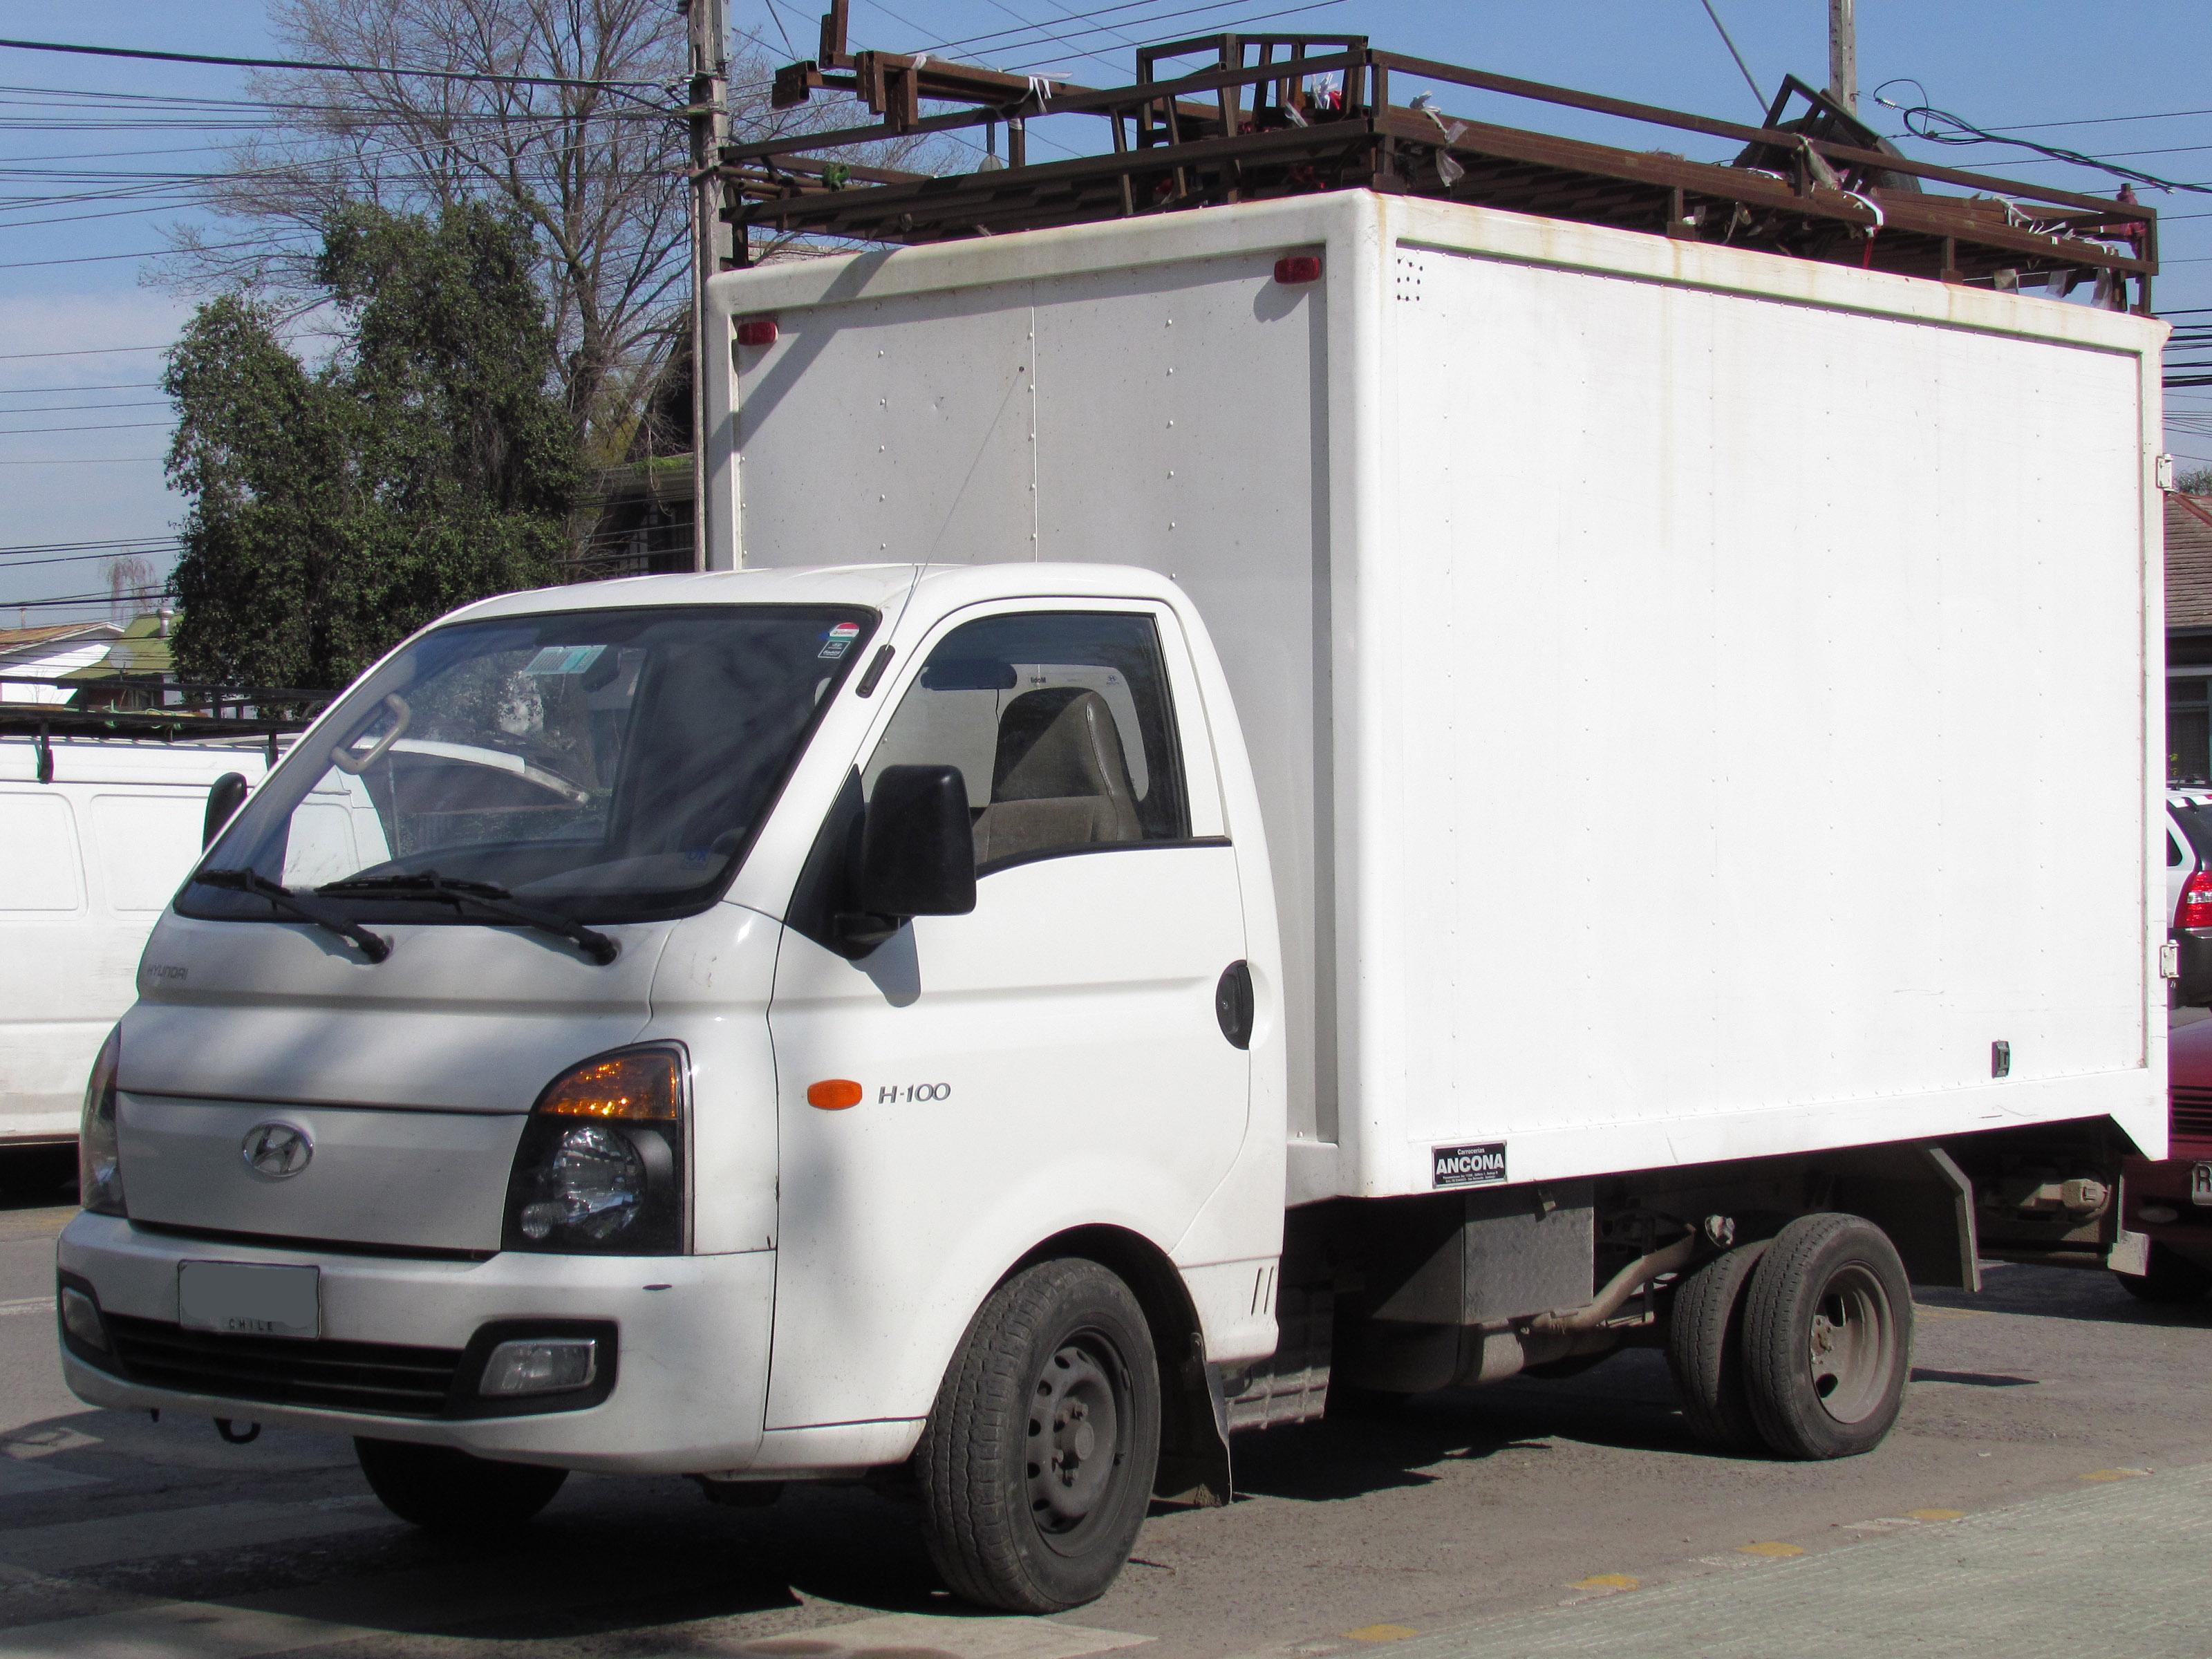 File:Hyundai H100 Porter 2013 (15108403861).jpg